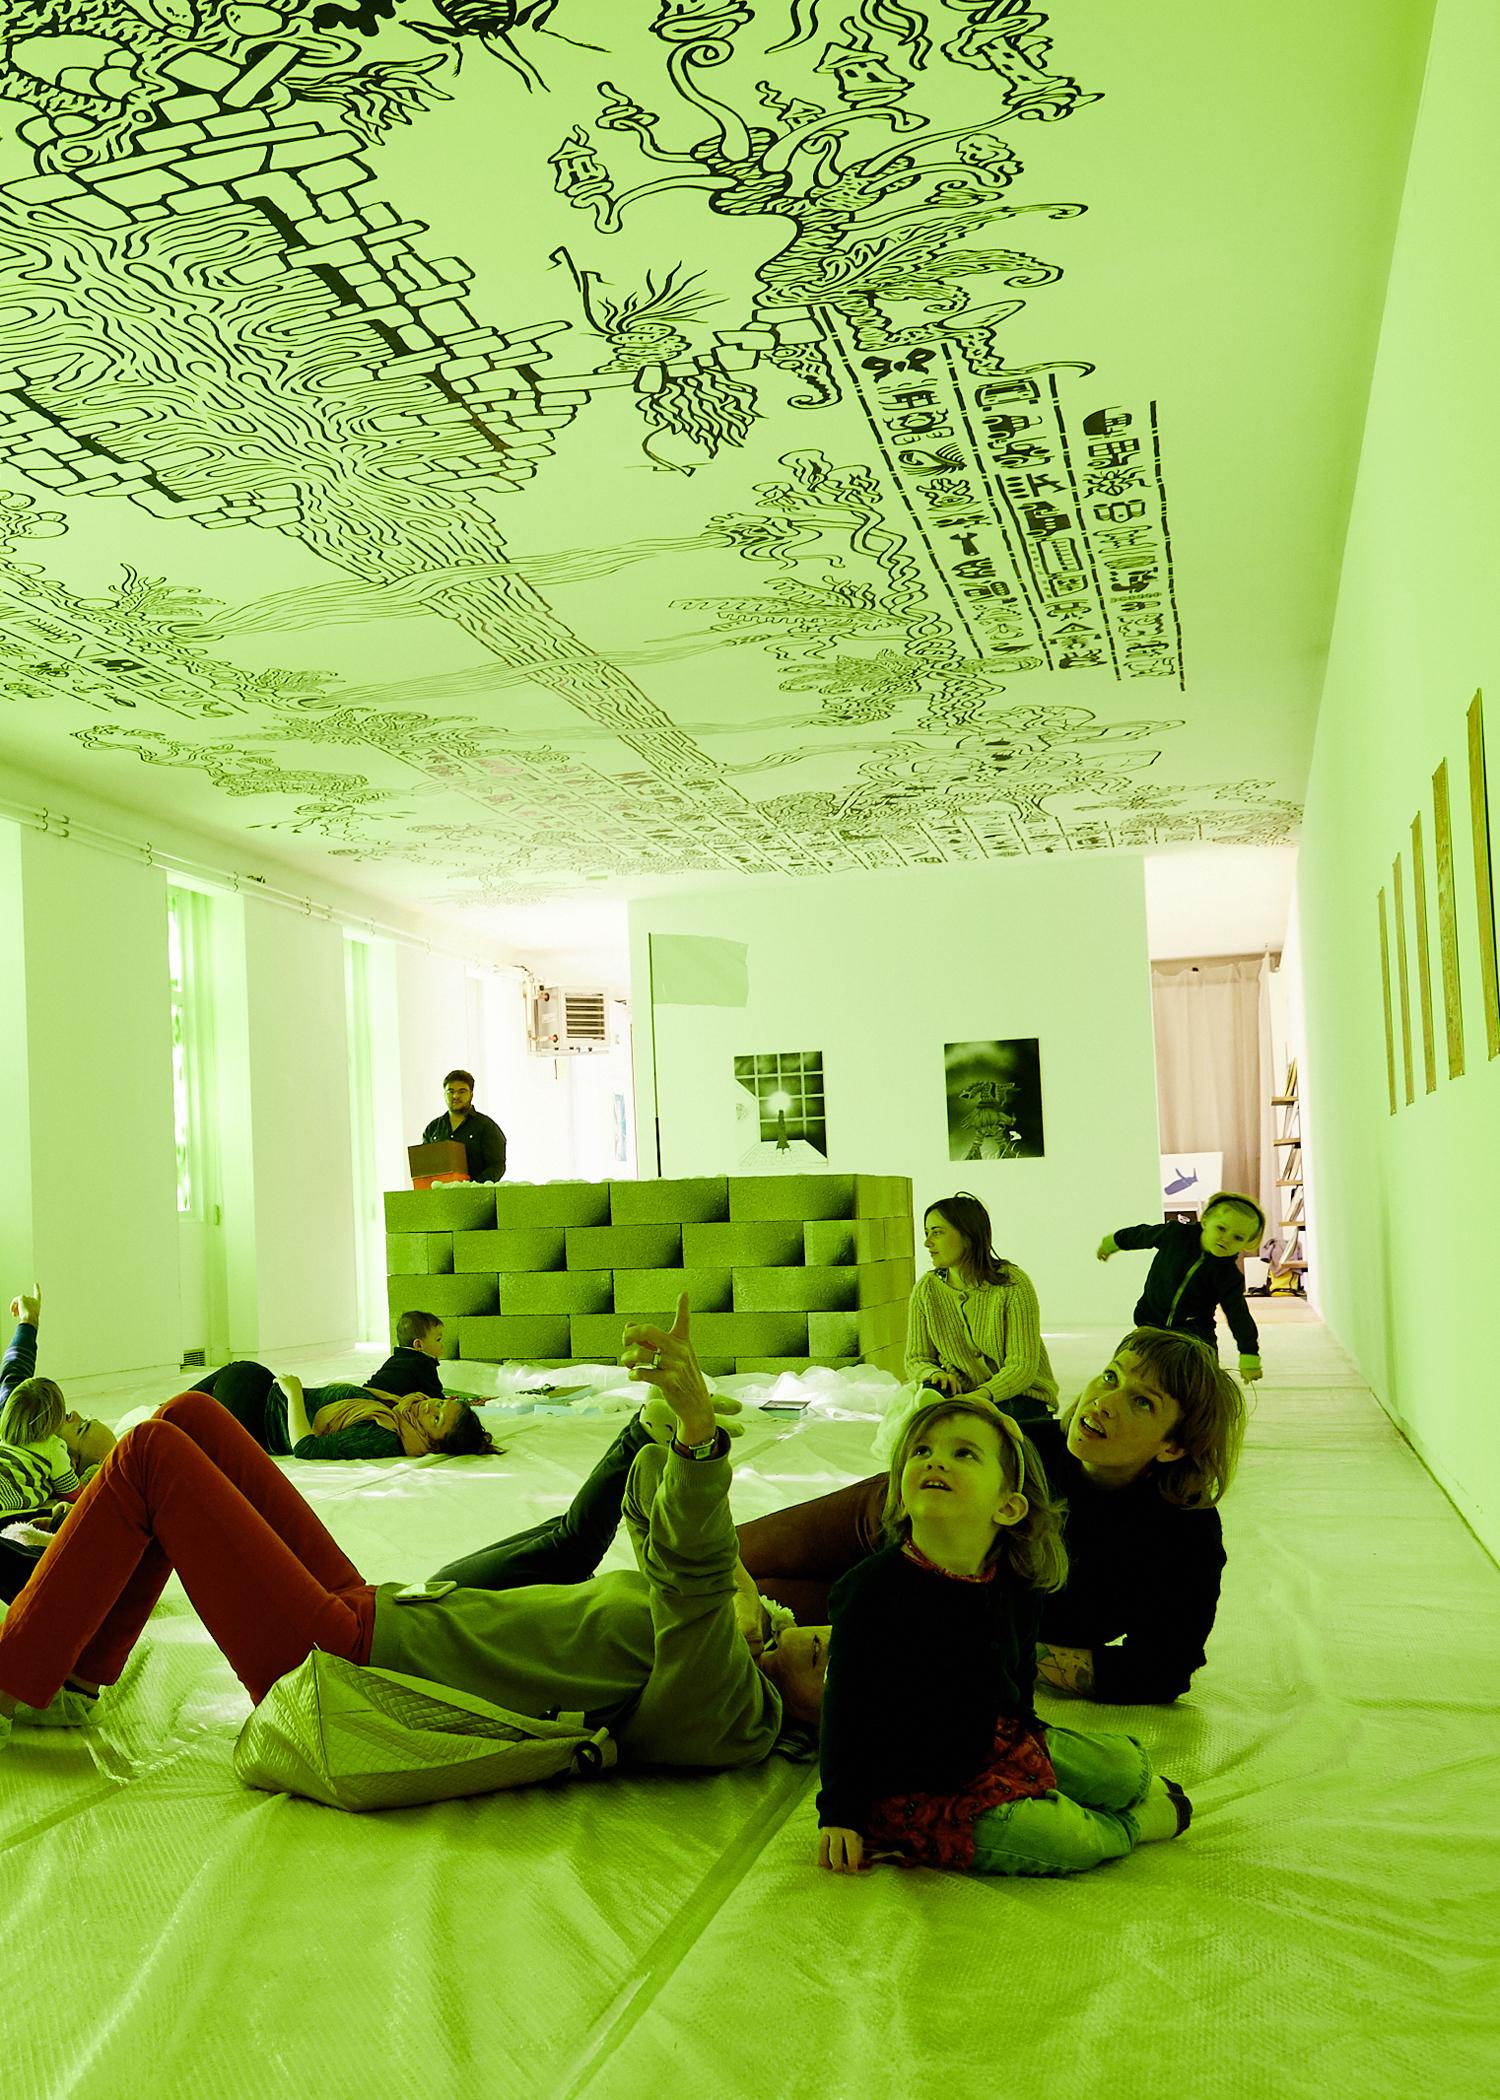 exposition planete B, atelier pour les petits enfants